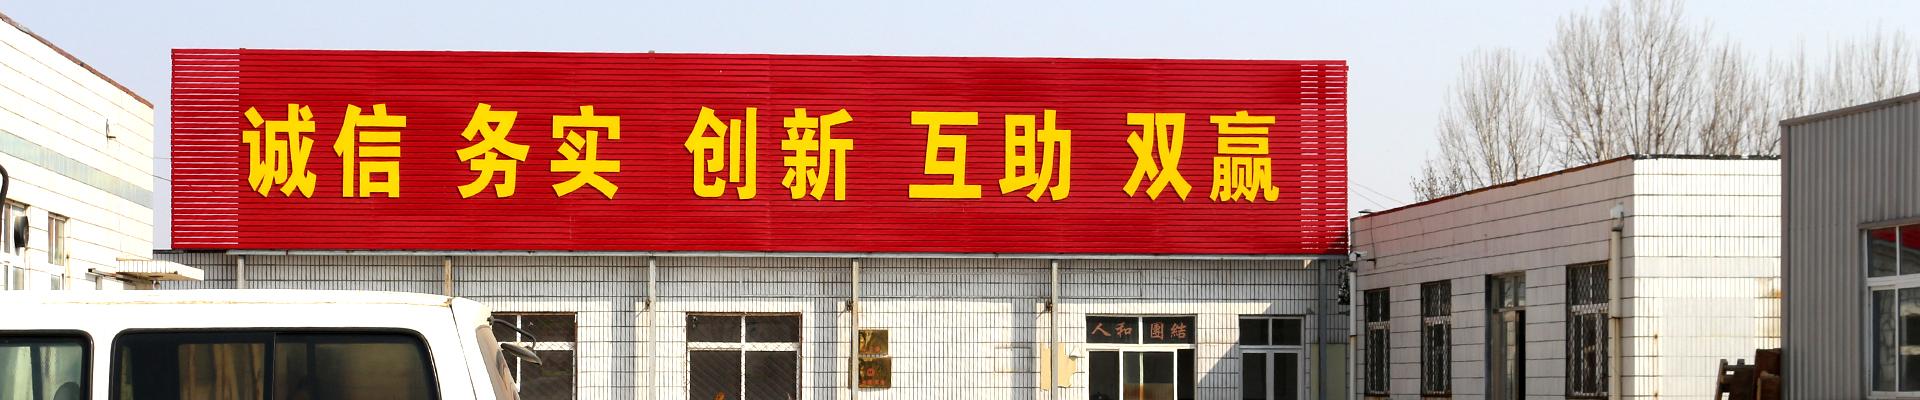 青岛龙利电子有限公司